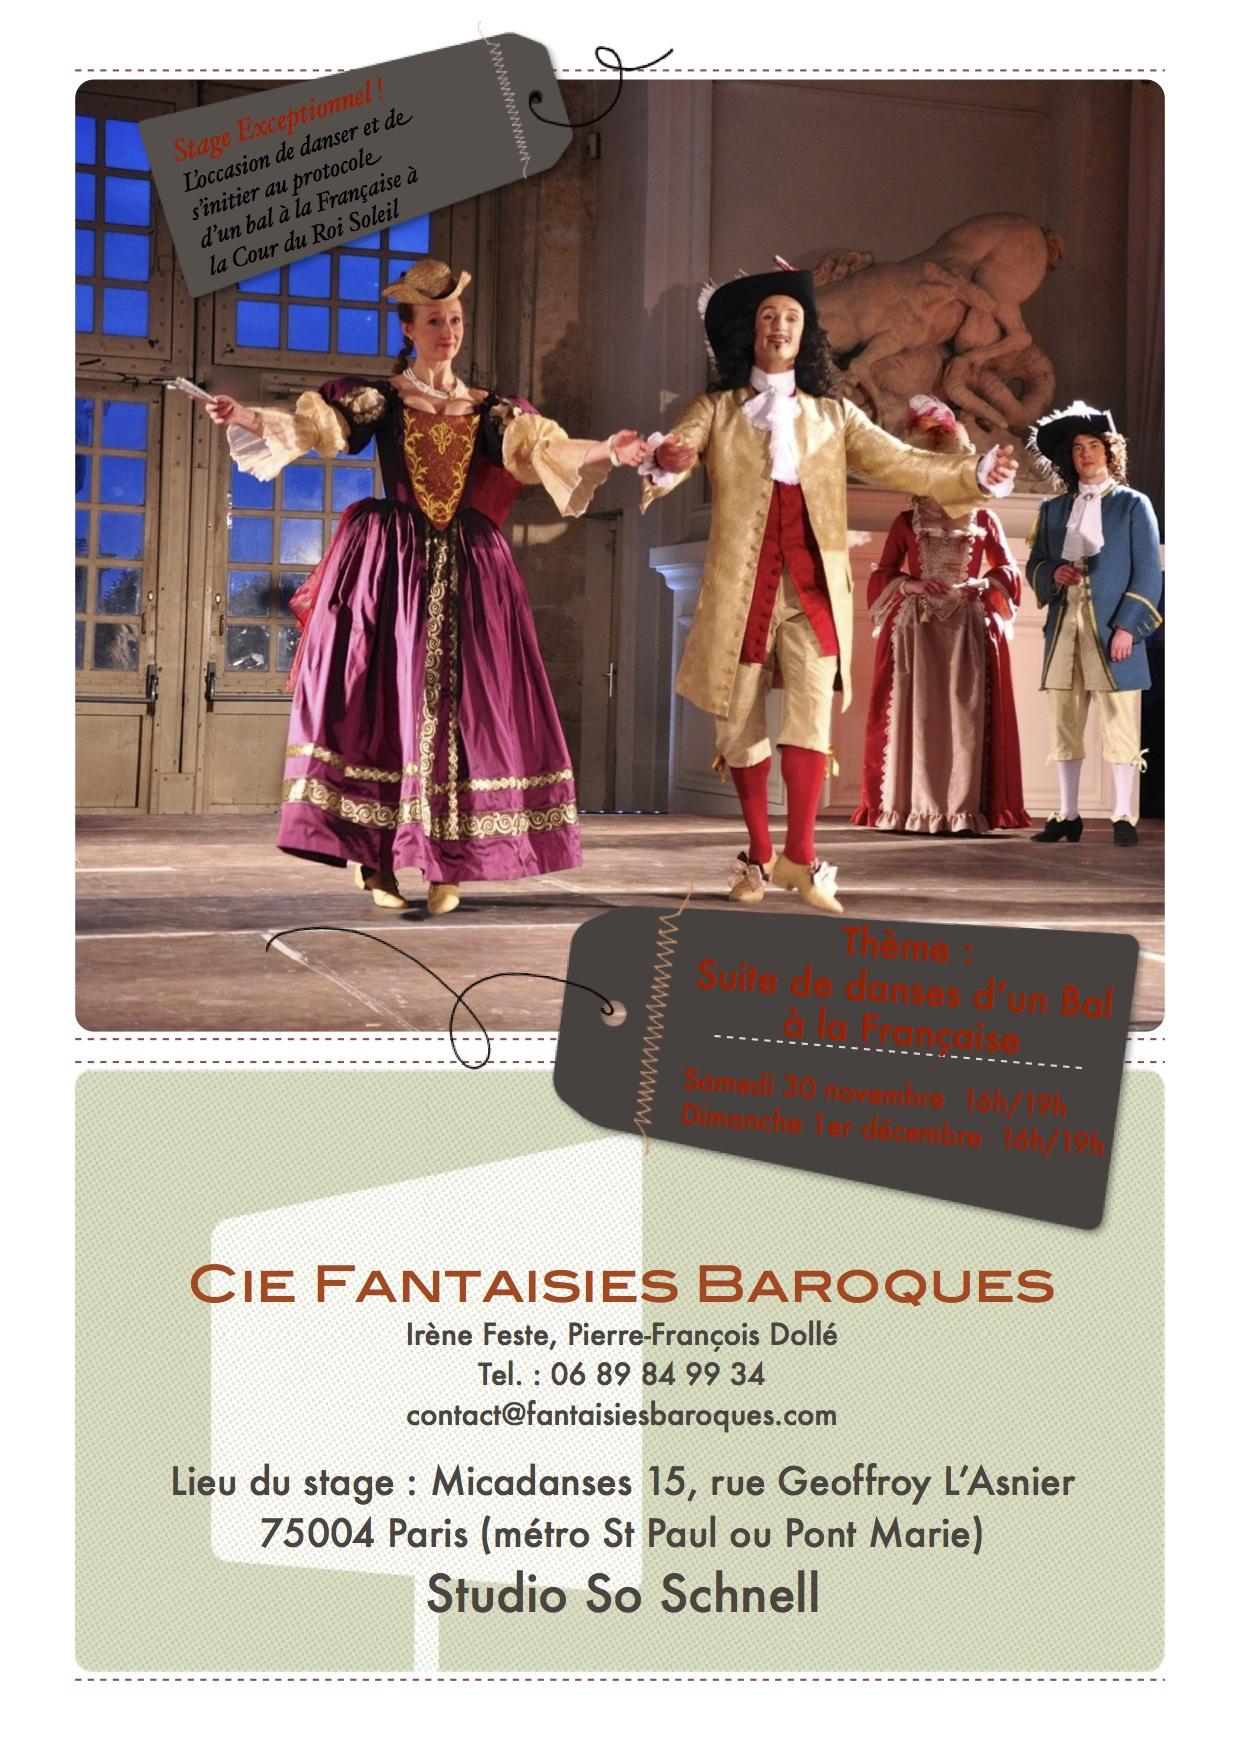 Stage Suite d'un bal à la Française